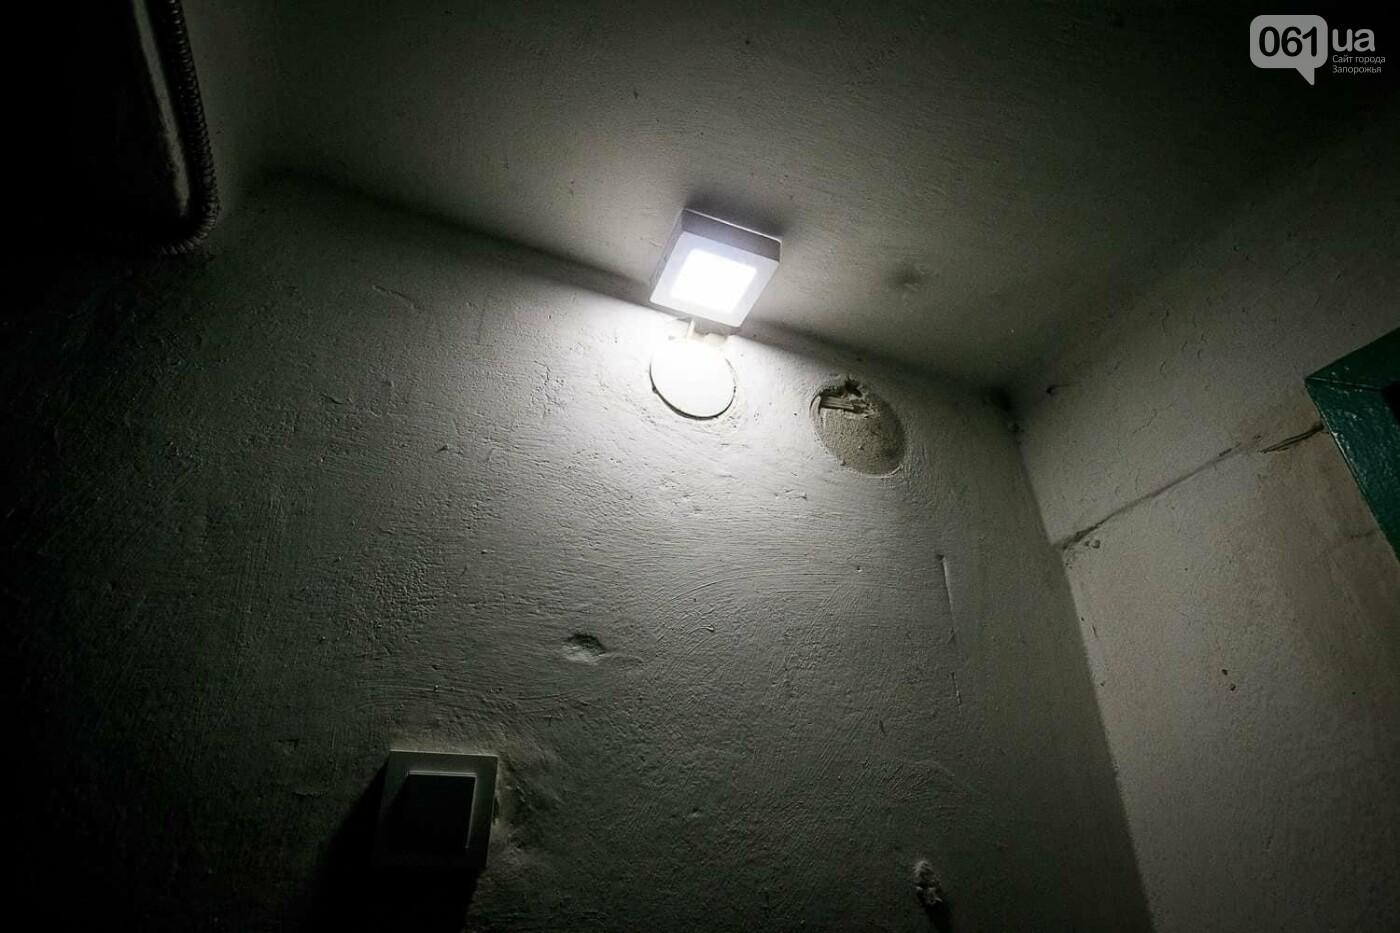 Сам себе хозяин: как запорожские ОСМД занимаются энергосбережением и значительно экономят на тарифах, — ФОТО, фото-49